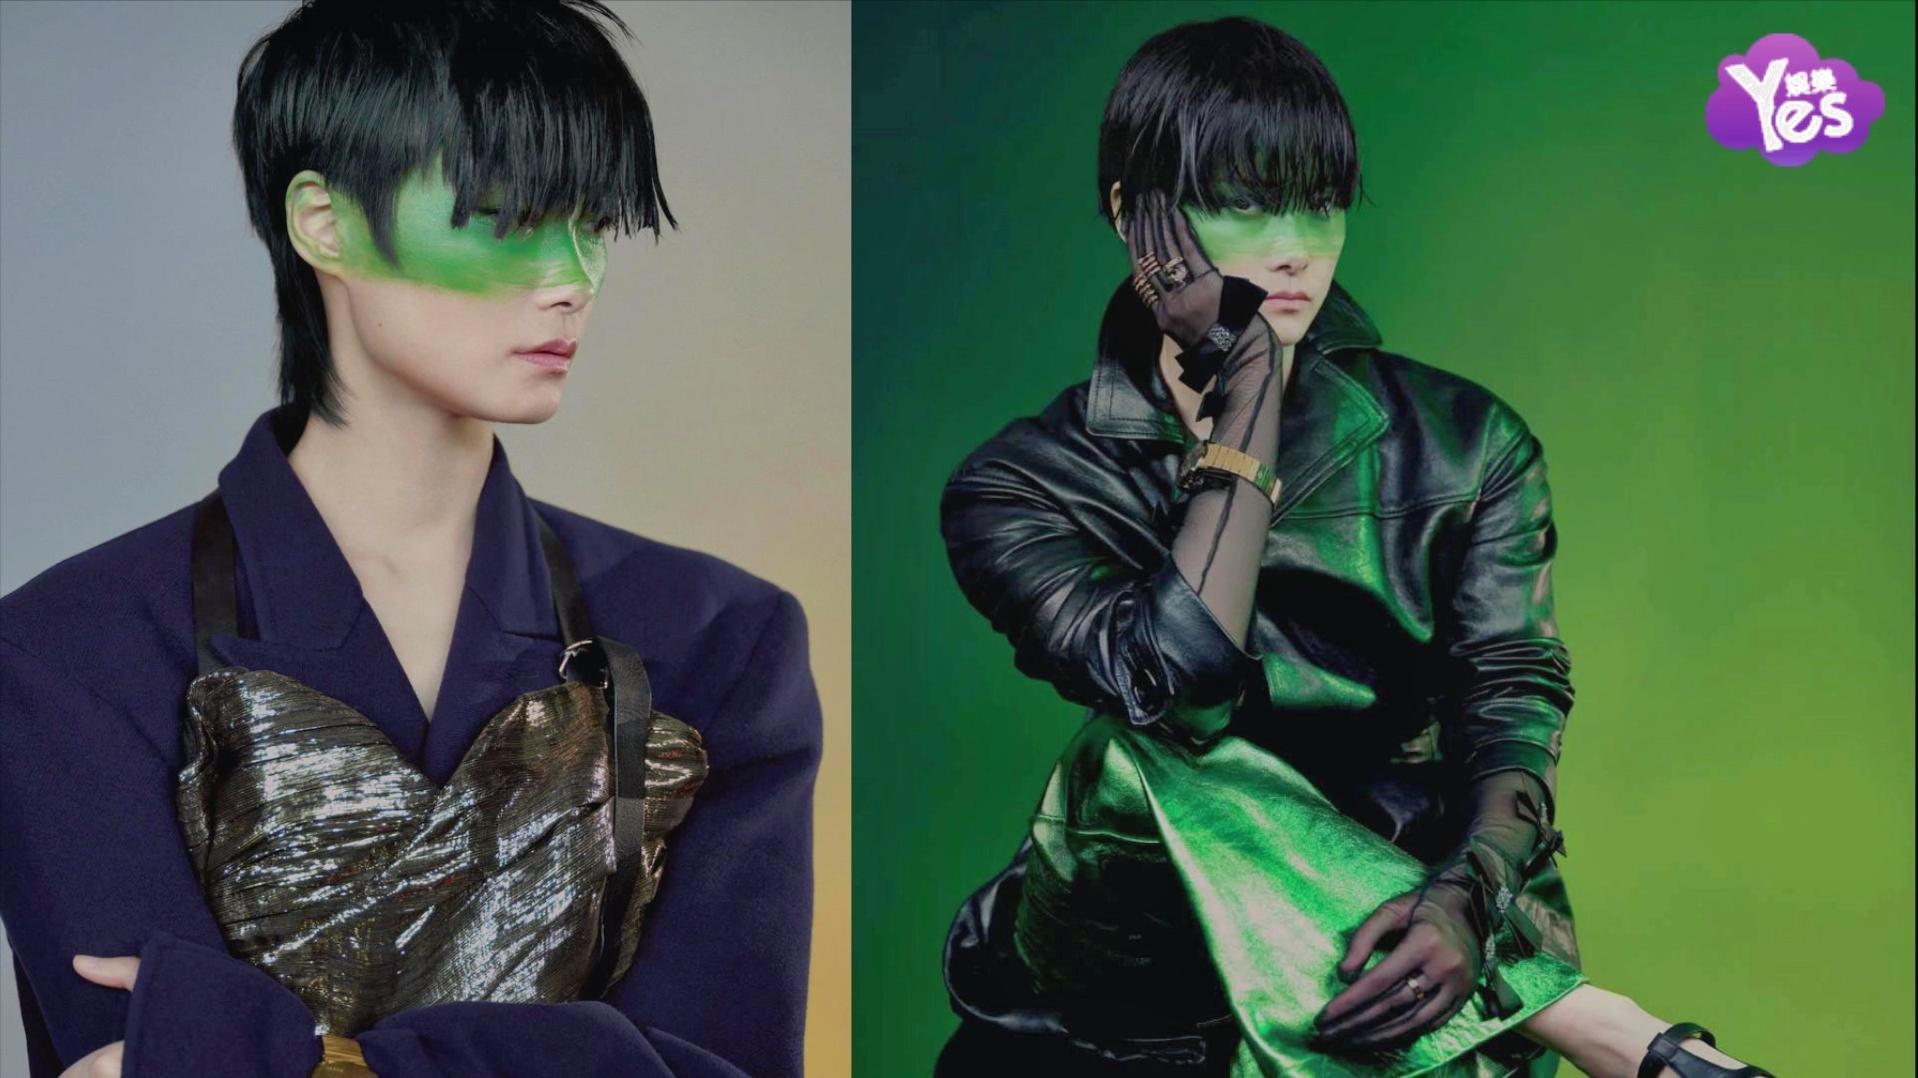 李宇春绿色彩绘挑战暗黑造型 哥特式红绿反色碰撞独有风格